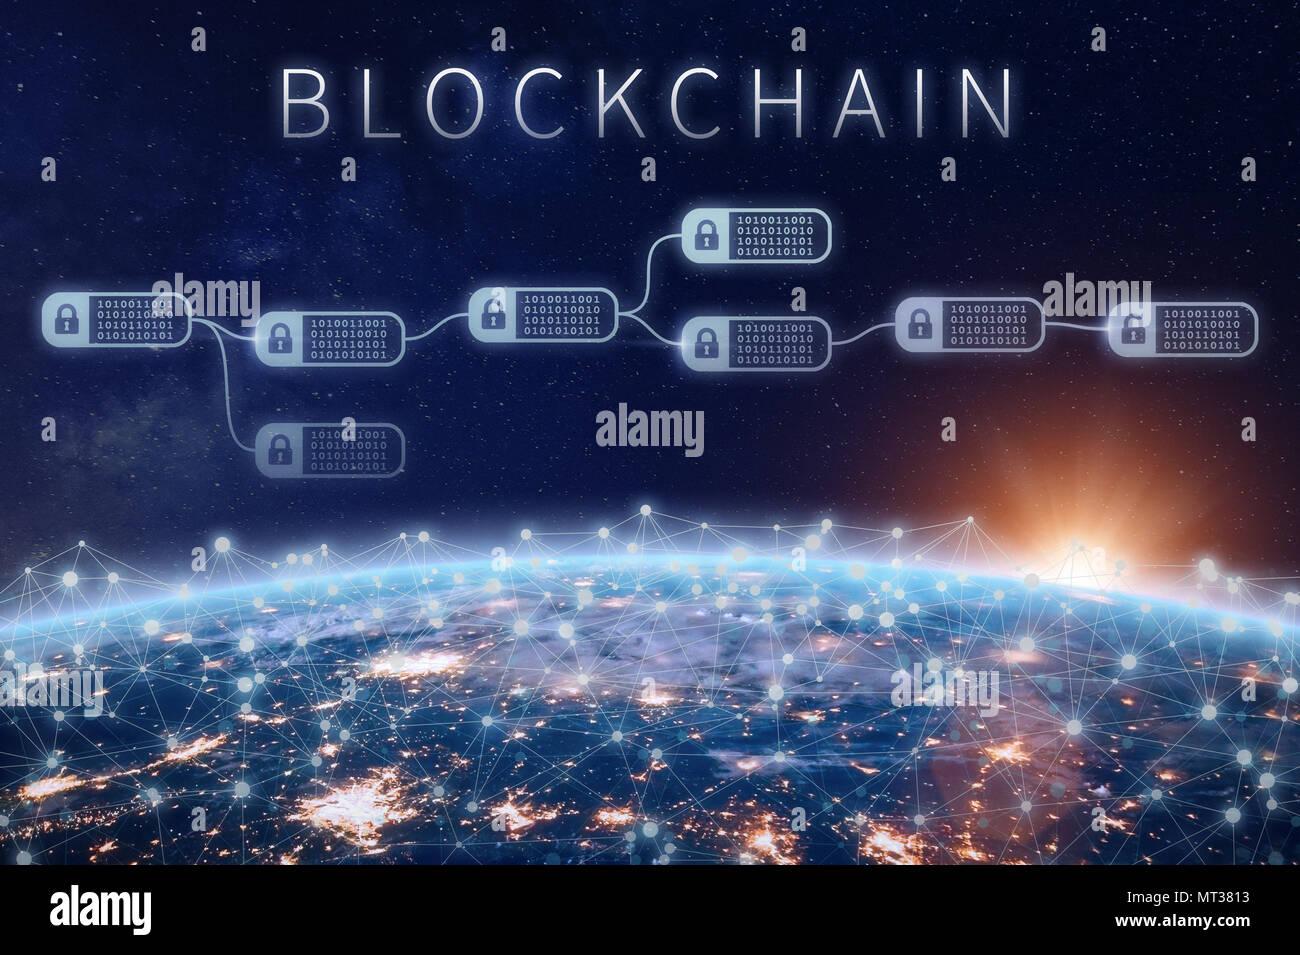 Blockchain avec technologie concept financier réseau de la chaîne cryptée de bloc de transaction liés autour de la planète Terre, grand livre (Bitcoi cryptocurrency Photo Stock